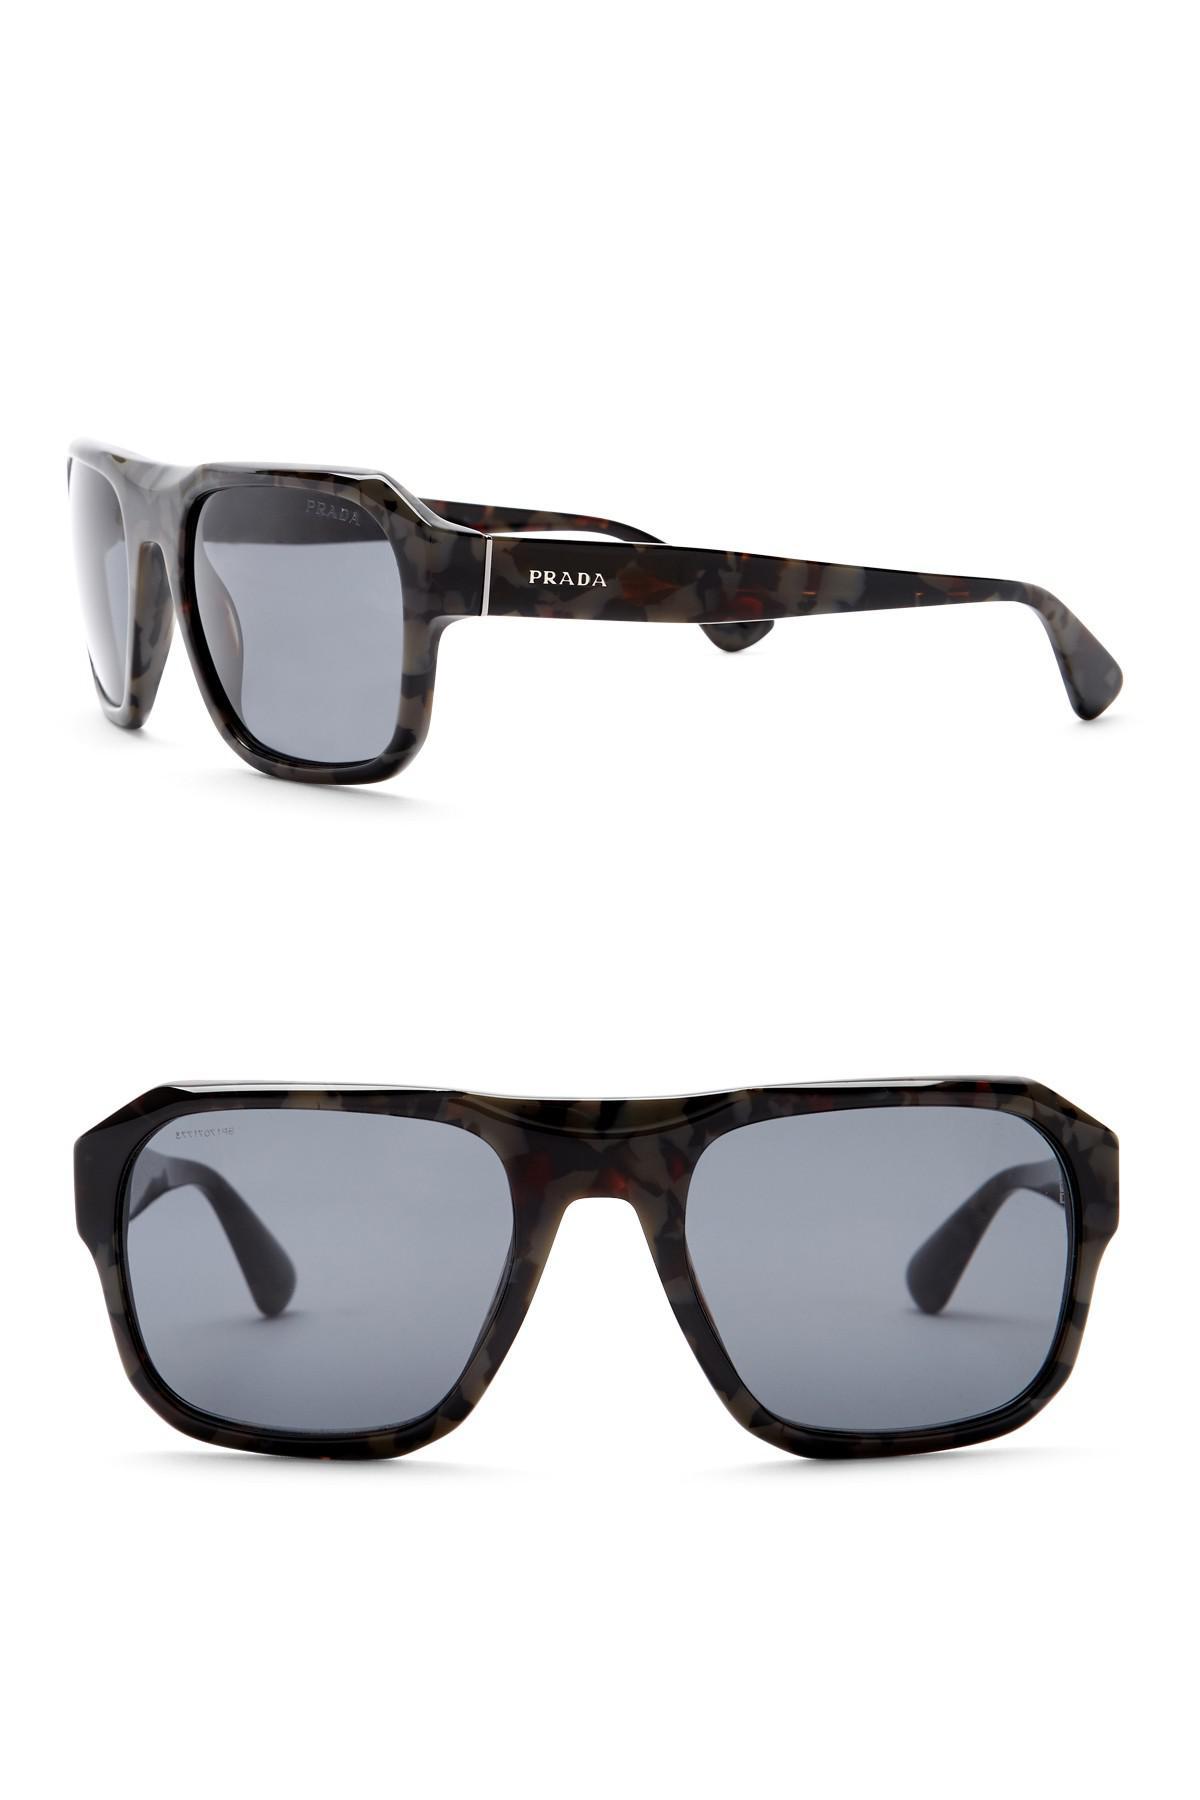 6dc7ca92b2f2f ... switzerland lyst prada womens square conceptual 55mm sunglasses in gray  1c77e f3116